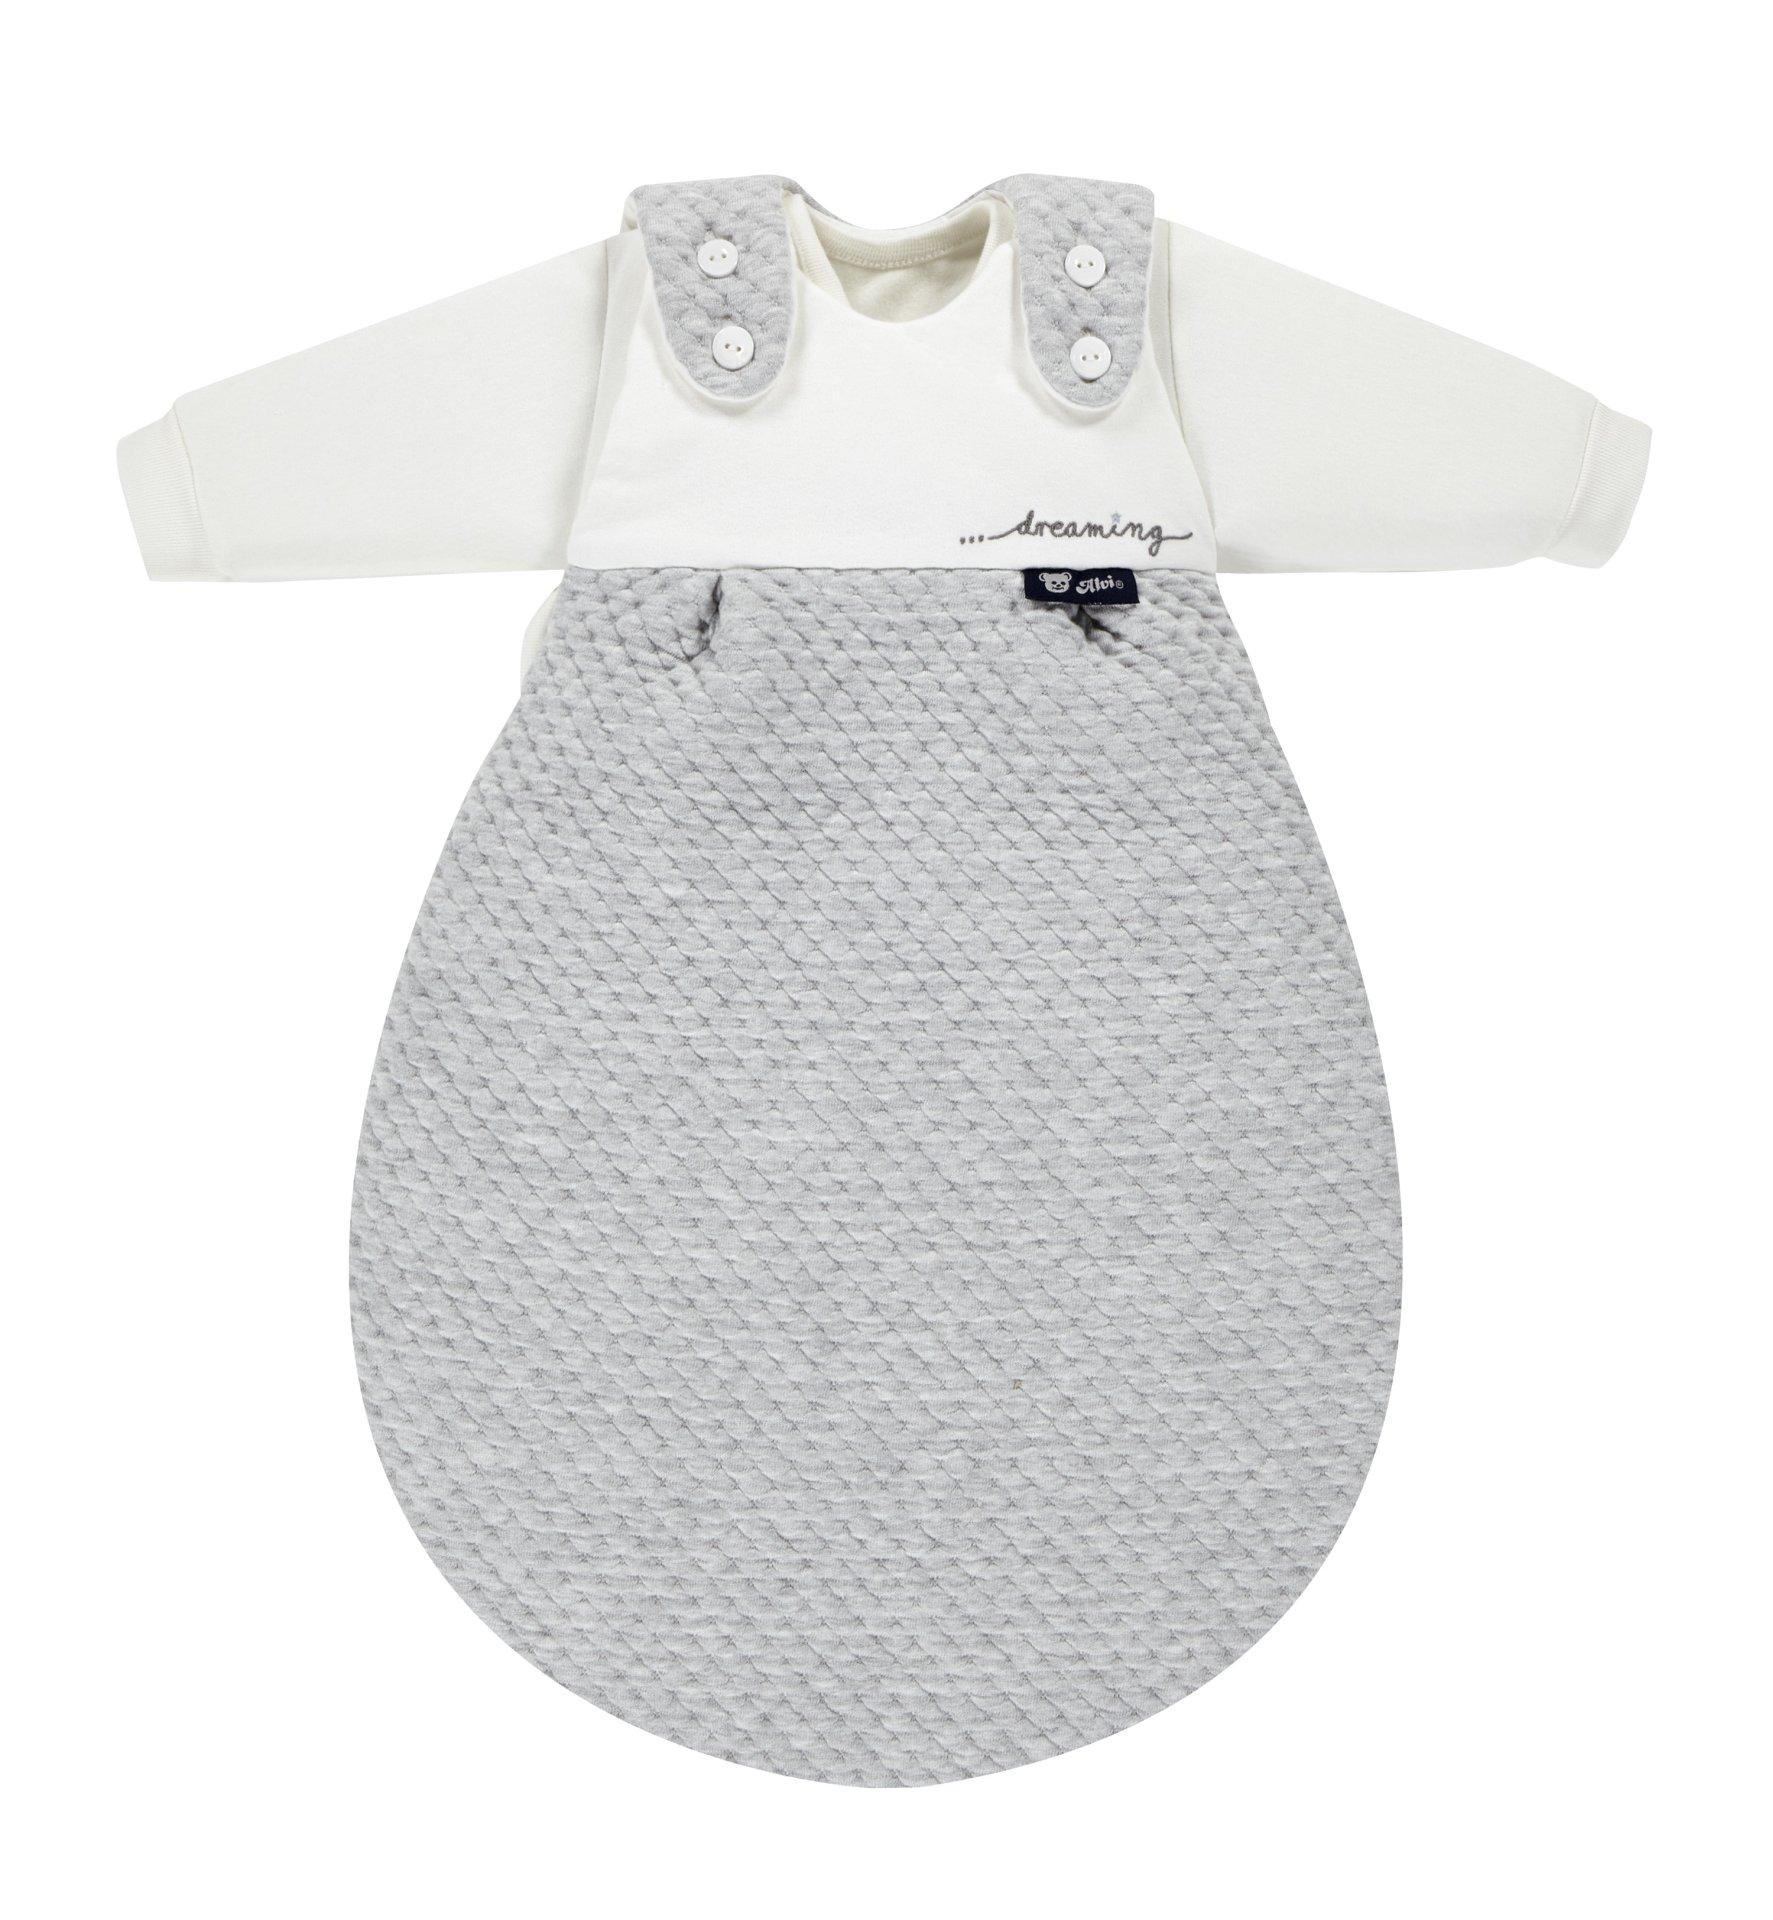 sOliver by Alvi BabyMäxchen® sac de couchage toutes saisons 3piècesDreaming